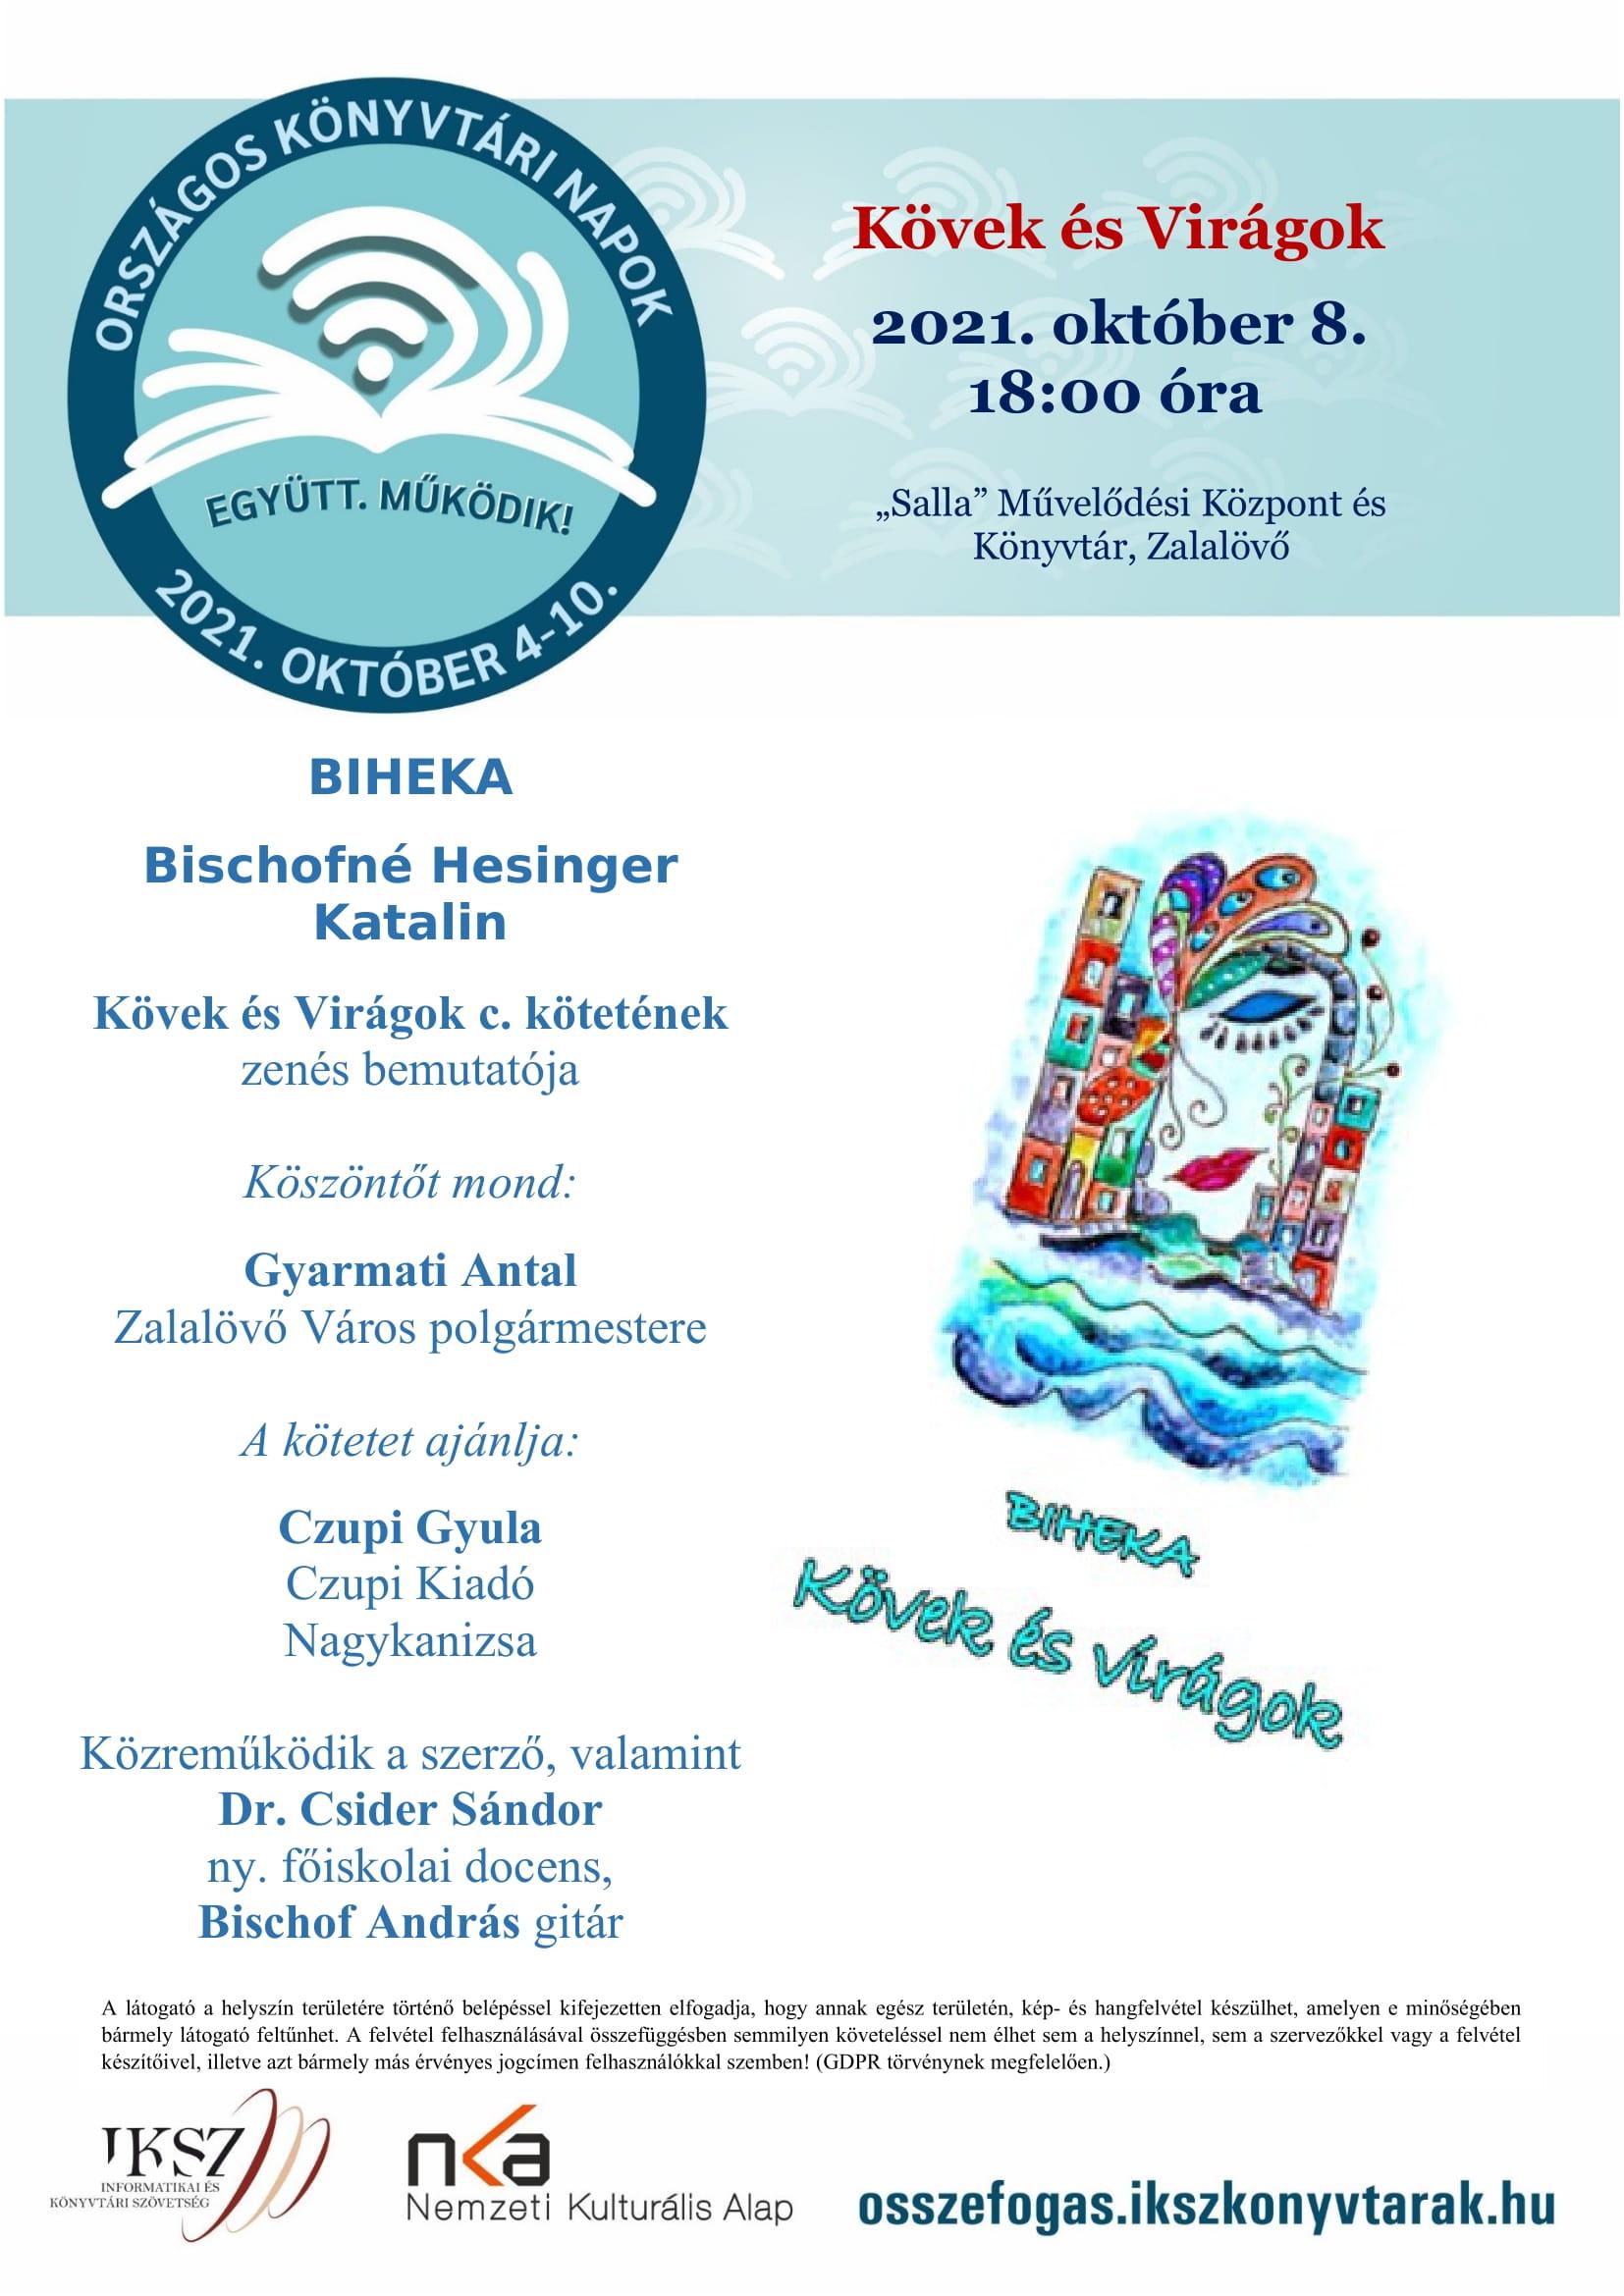 Bischofné Hesinger Katalin Kövek és Virágok c. kötetének zenés bemutatója